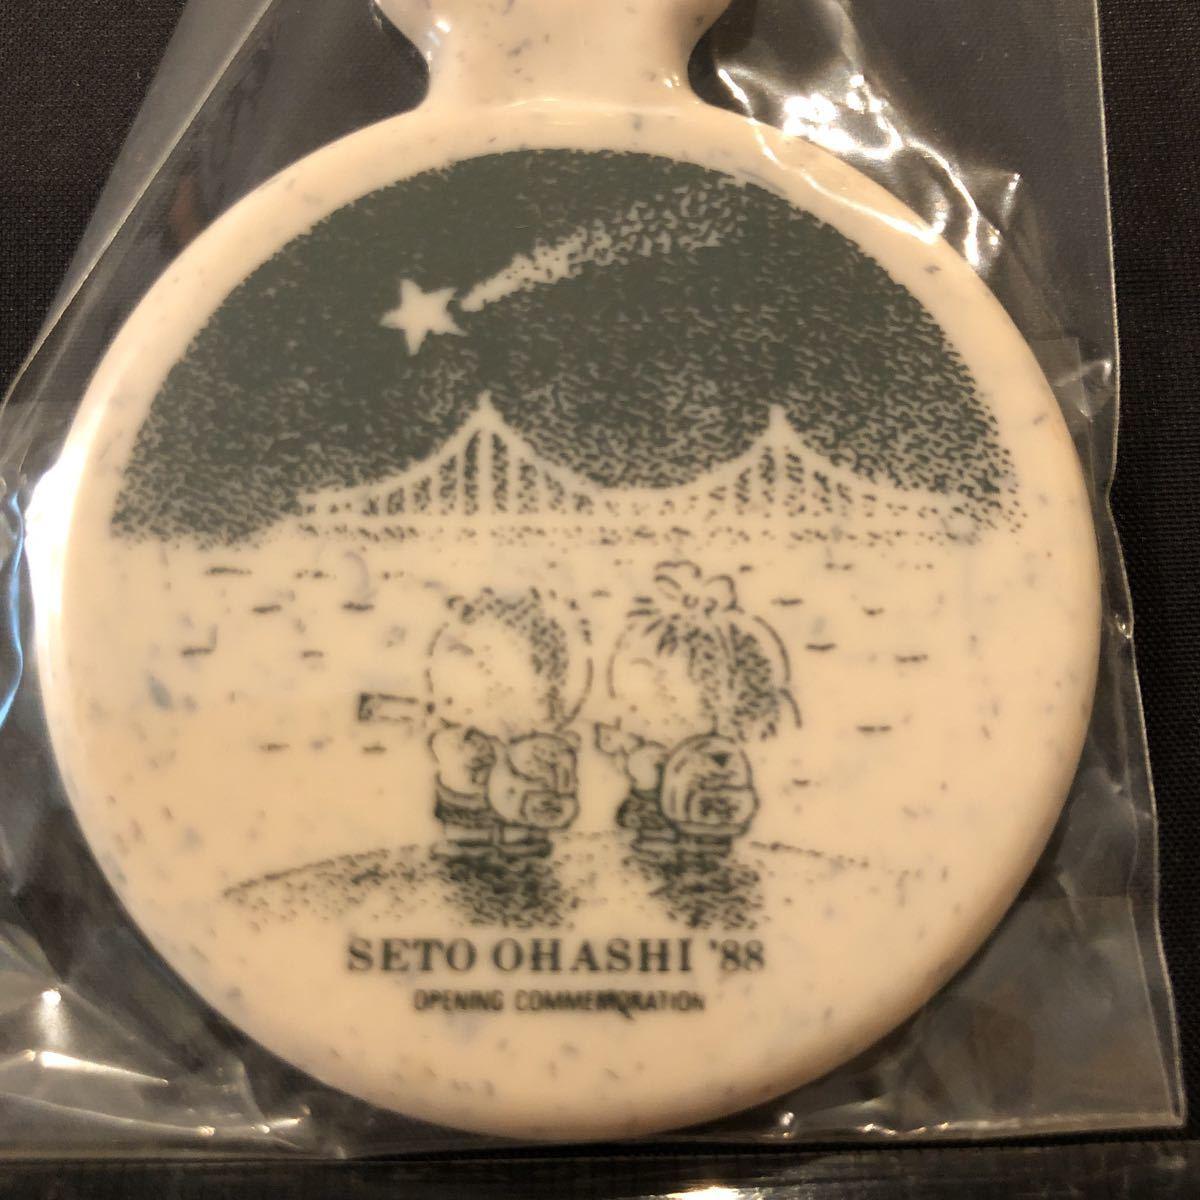 キーホルダー 瀬戸大橋 記念キーホルダー ミラー 鏡 1988年 昭和レトロ 未開封未使用品